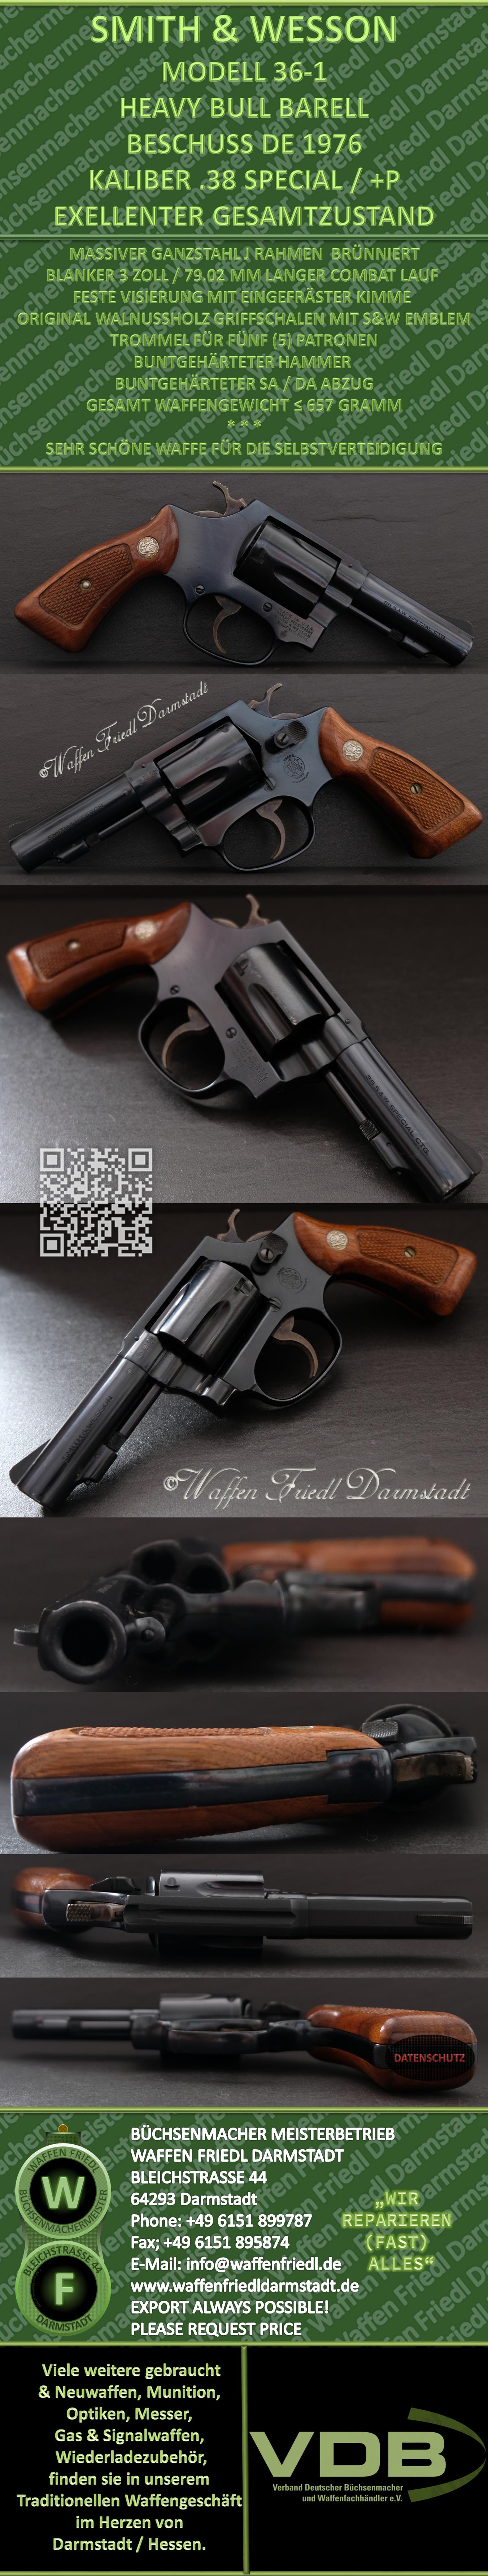 """Smith&Wesson (1976) MODELL 36-1  /  3"""" Lauf - Kaliber .38 Special +P - Brünniert - Exelenter Gsamtzustand"""